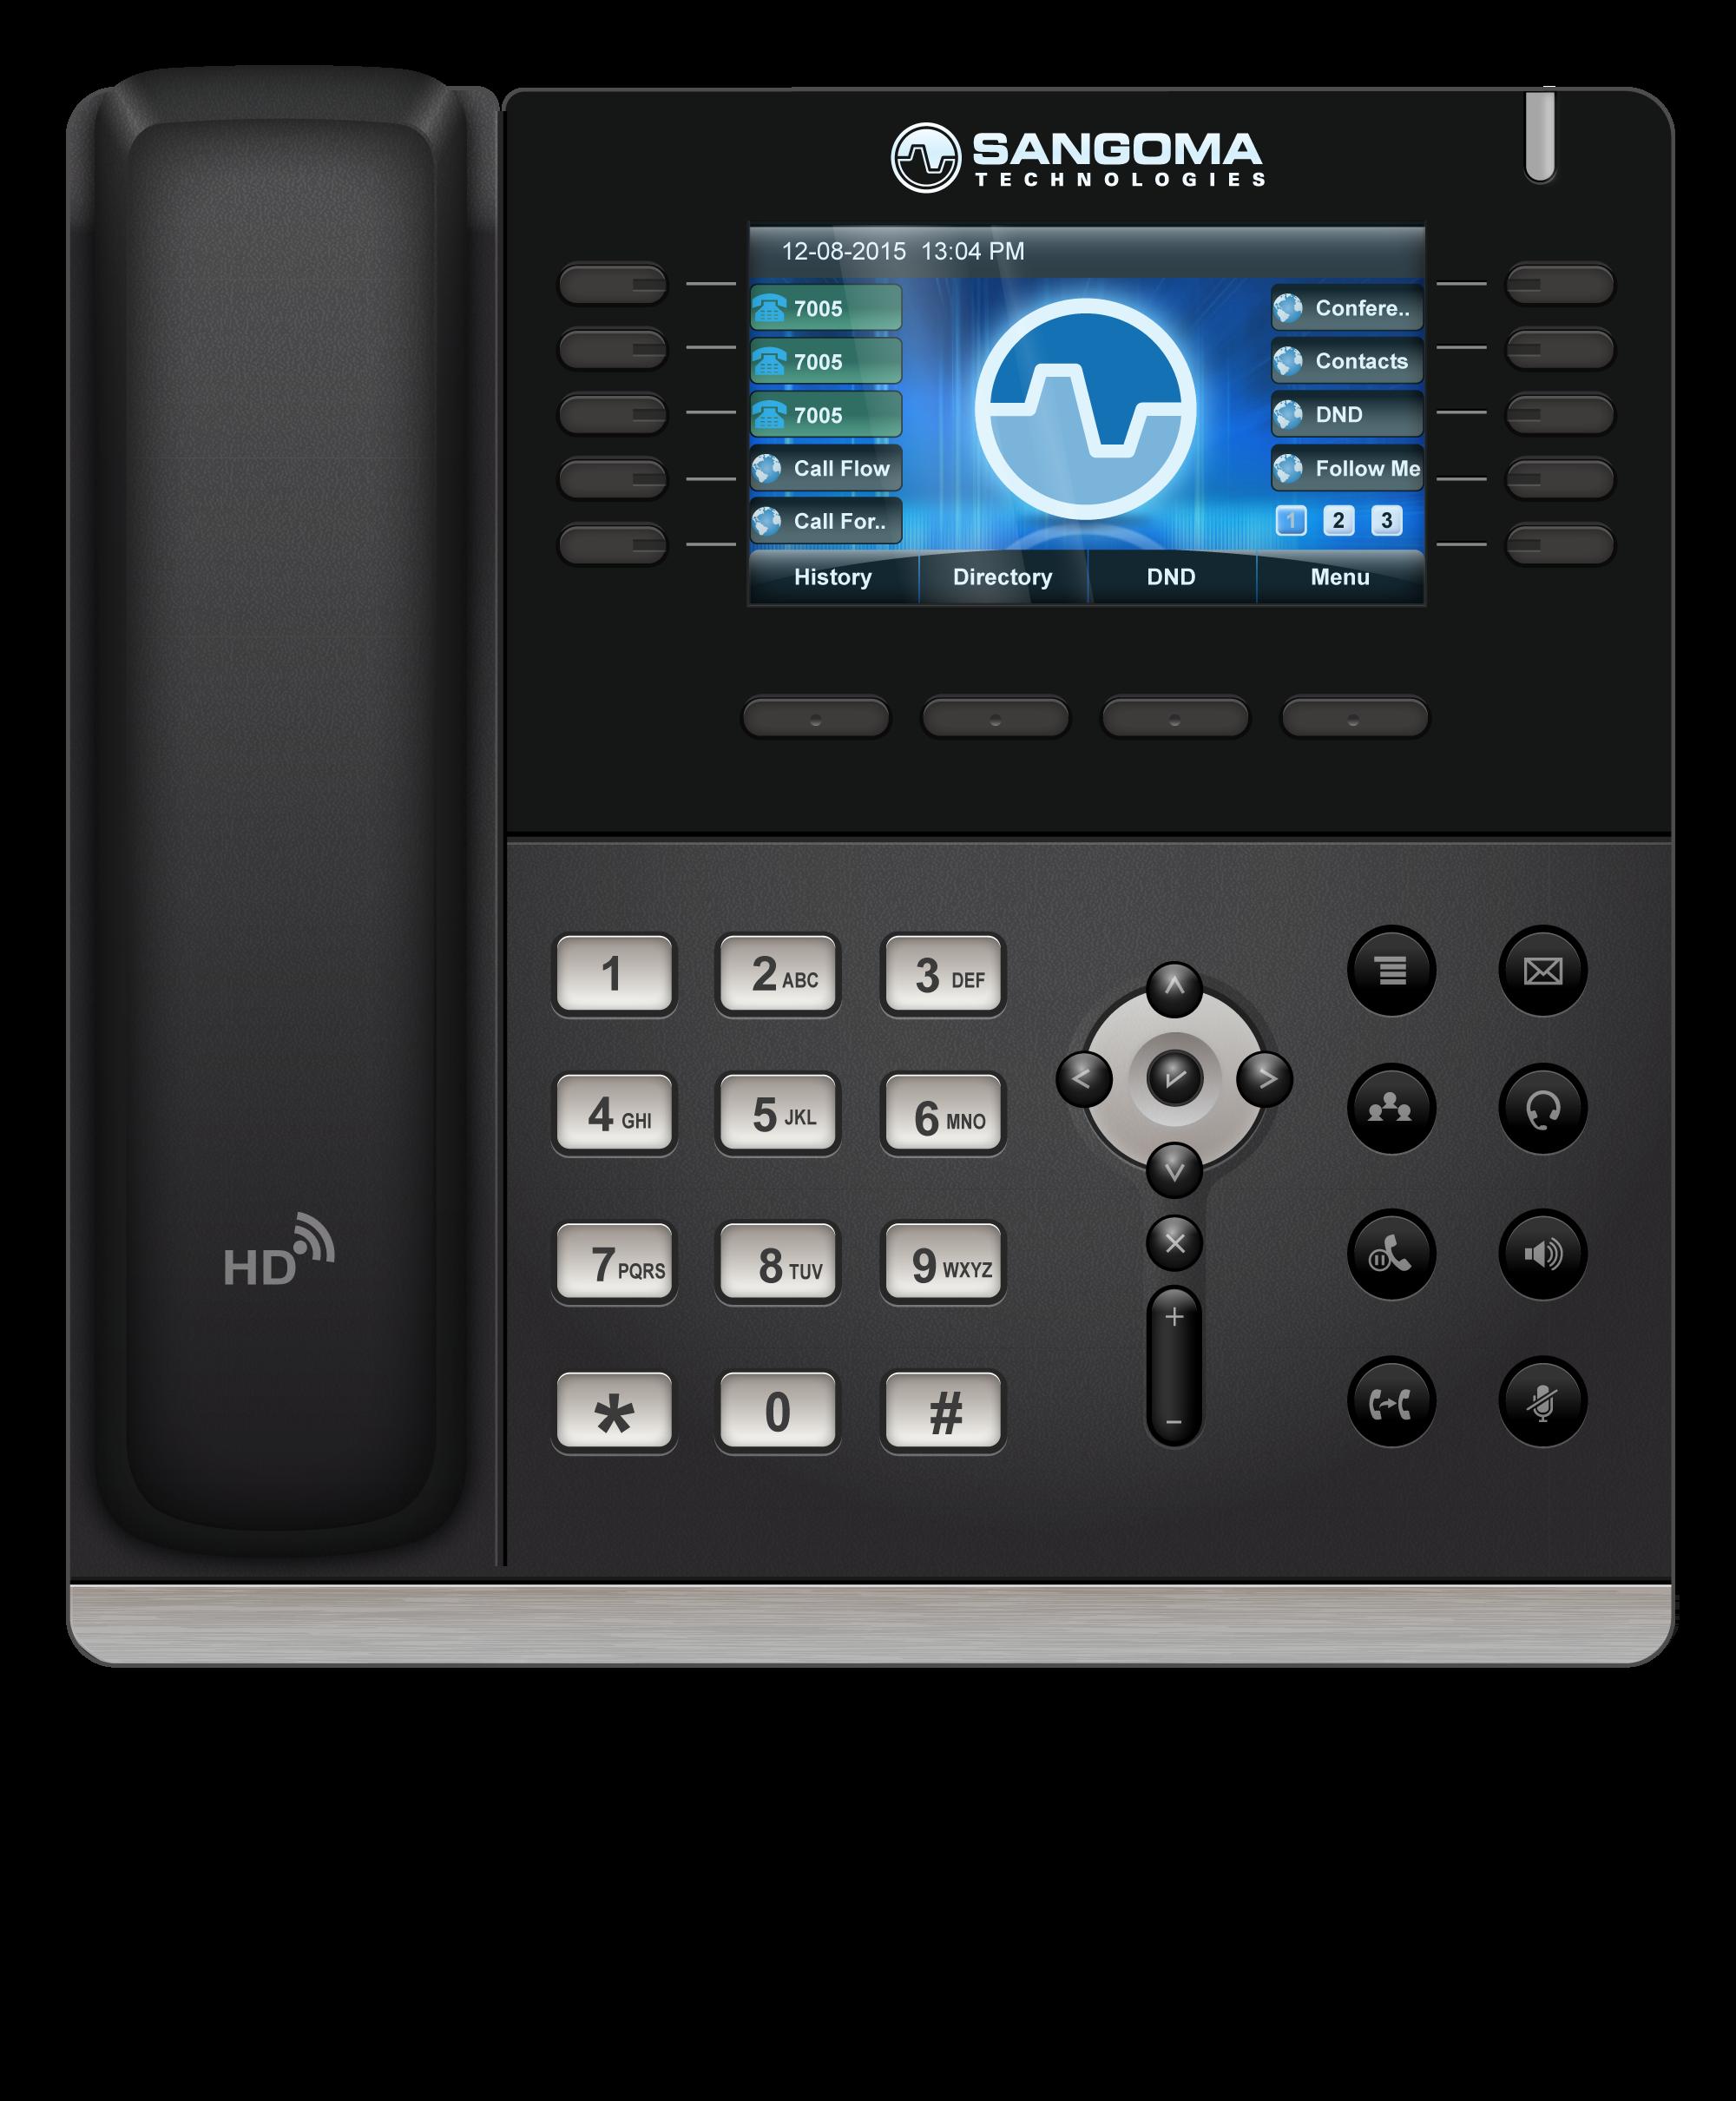 [ Vozell ] PBX Cloud Conmutador Virtual Soluciones VoIP SIP